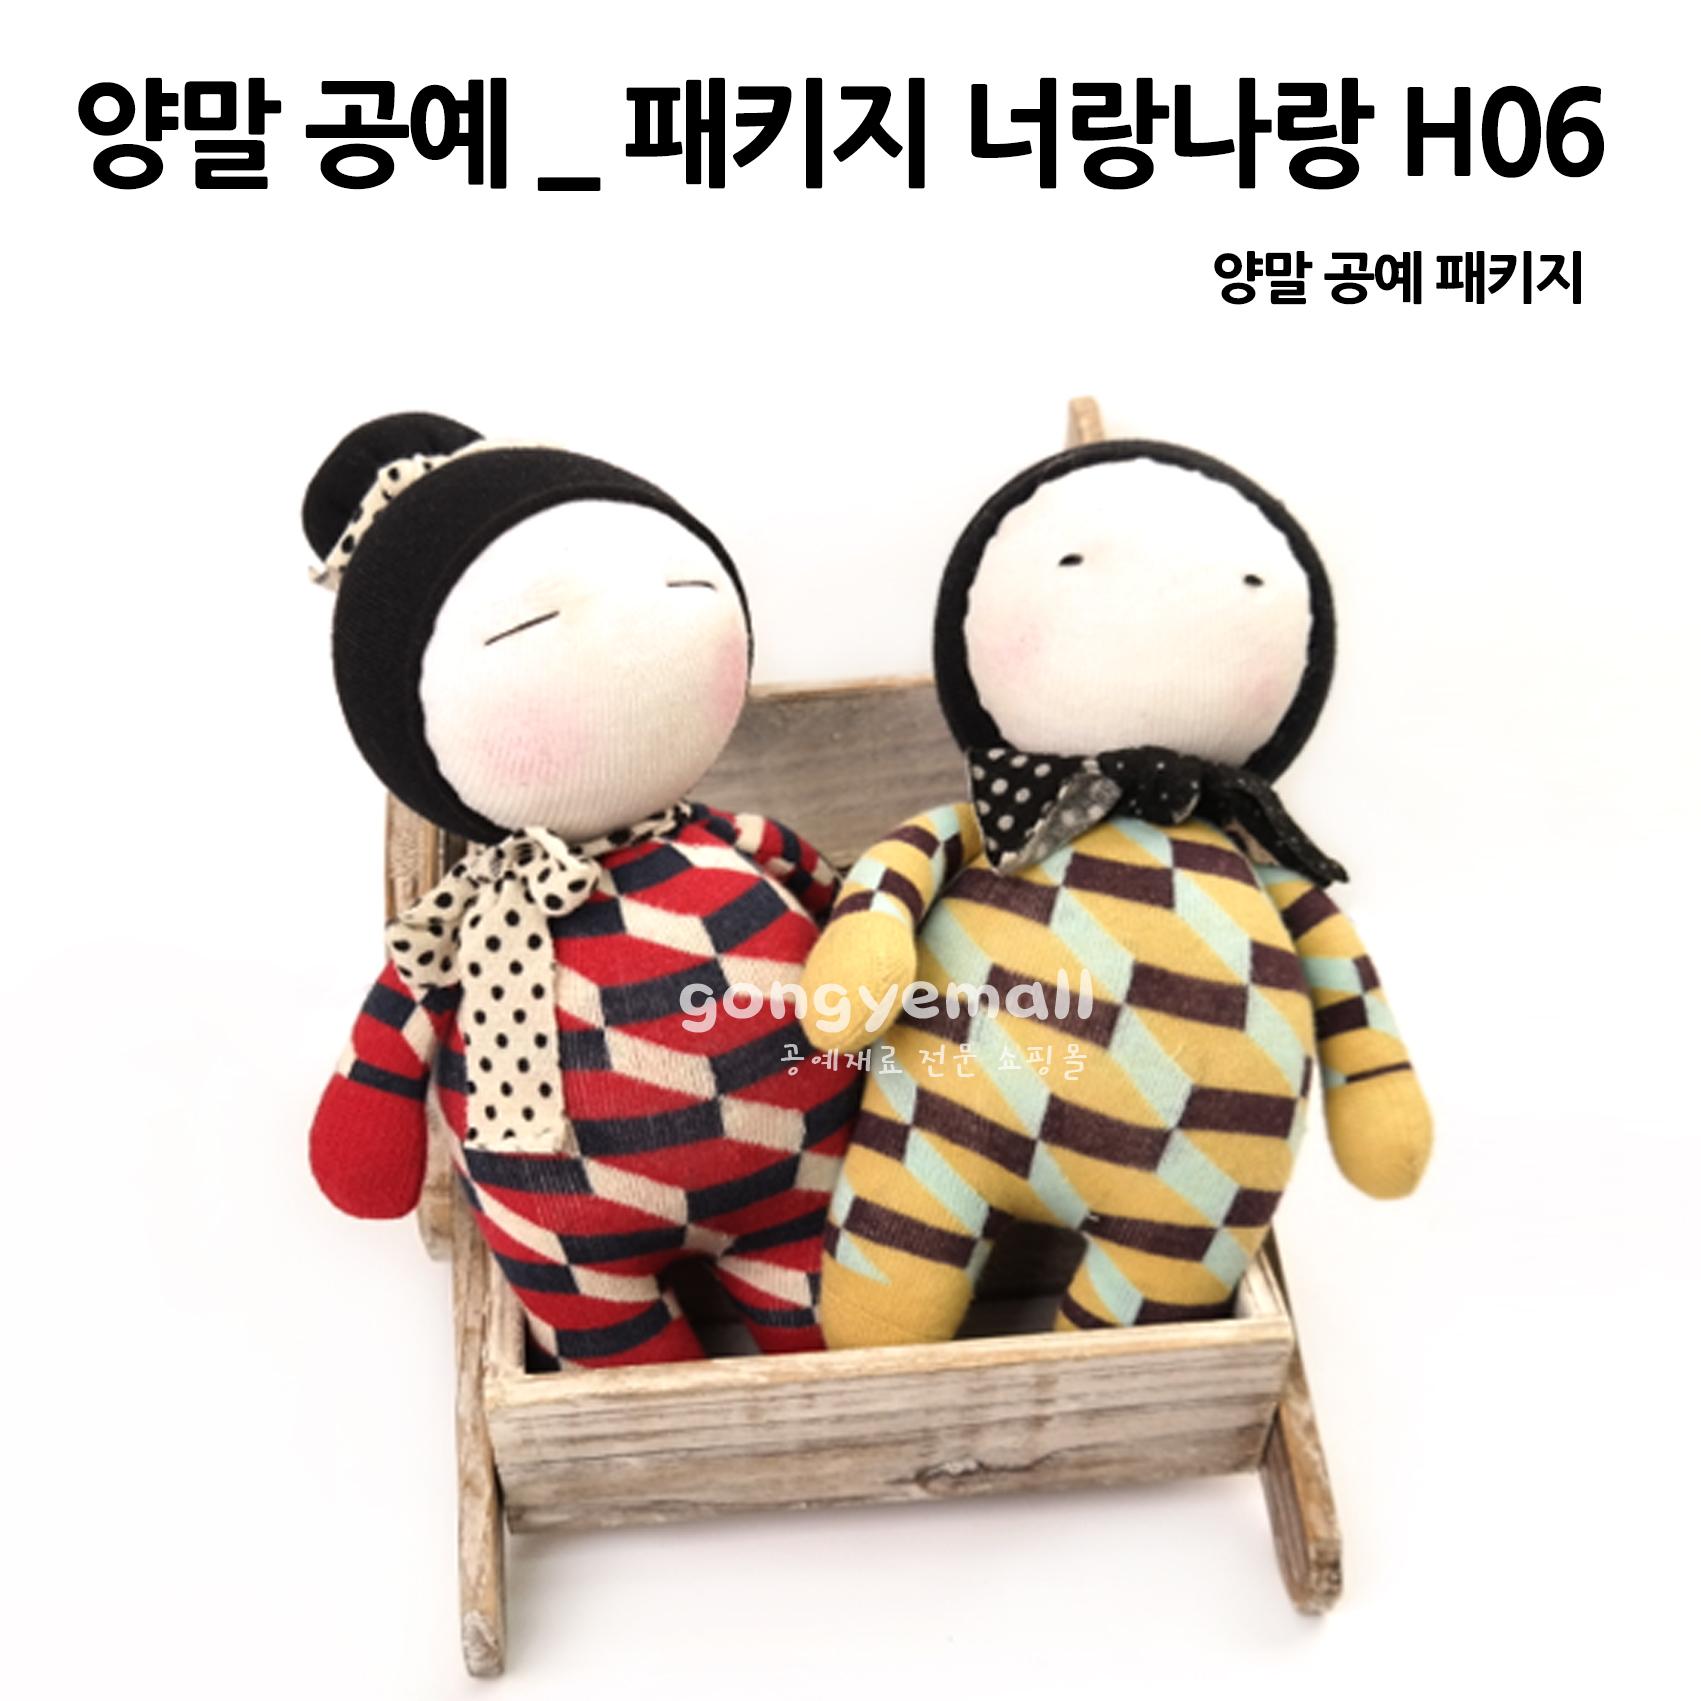 [양말공예]양말 DIY 패키지 너랑나랑 H06